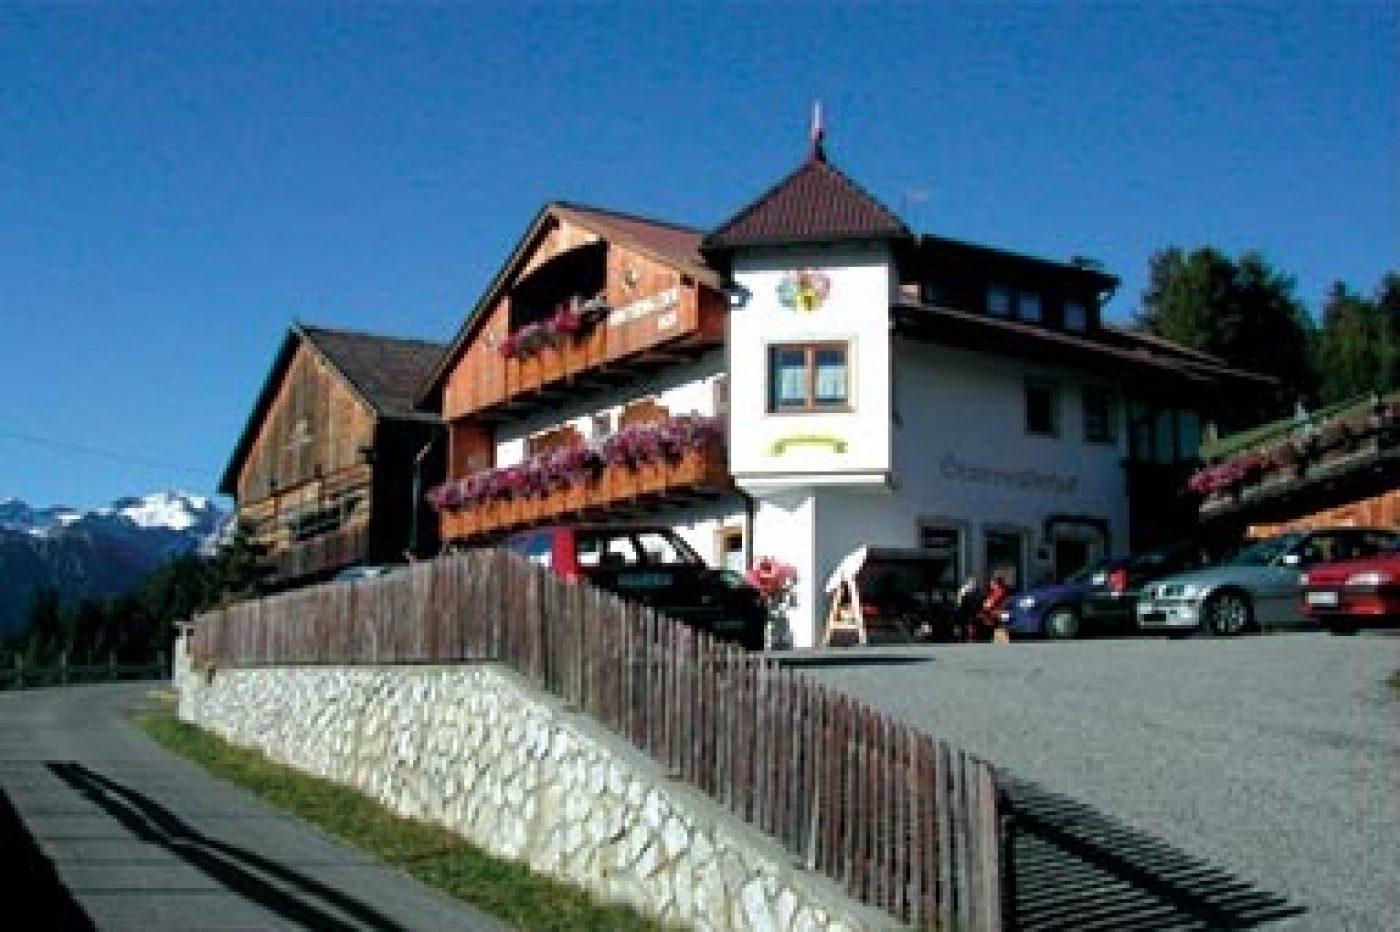 Hinterwalderhof